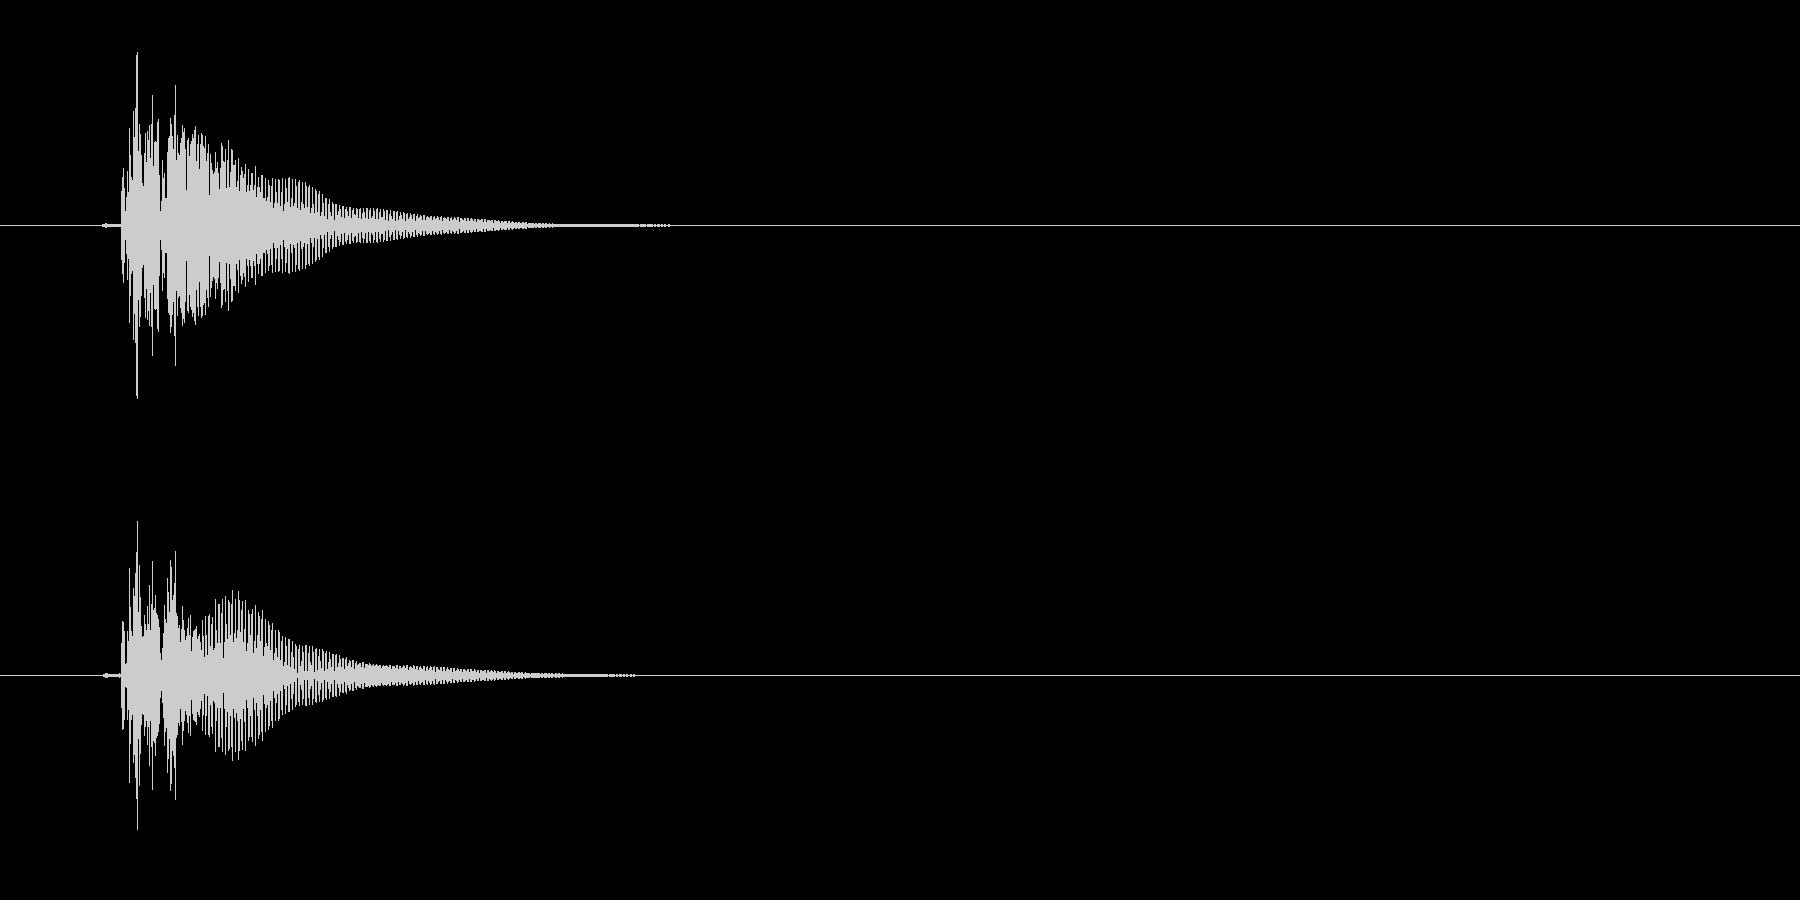 能や歌舞伎での小鼓(つづみ)の単発音の未再生の波形